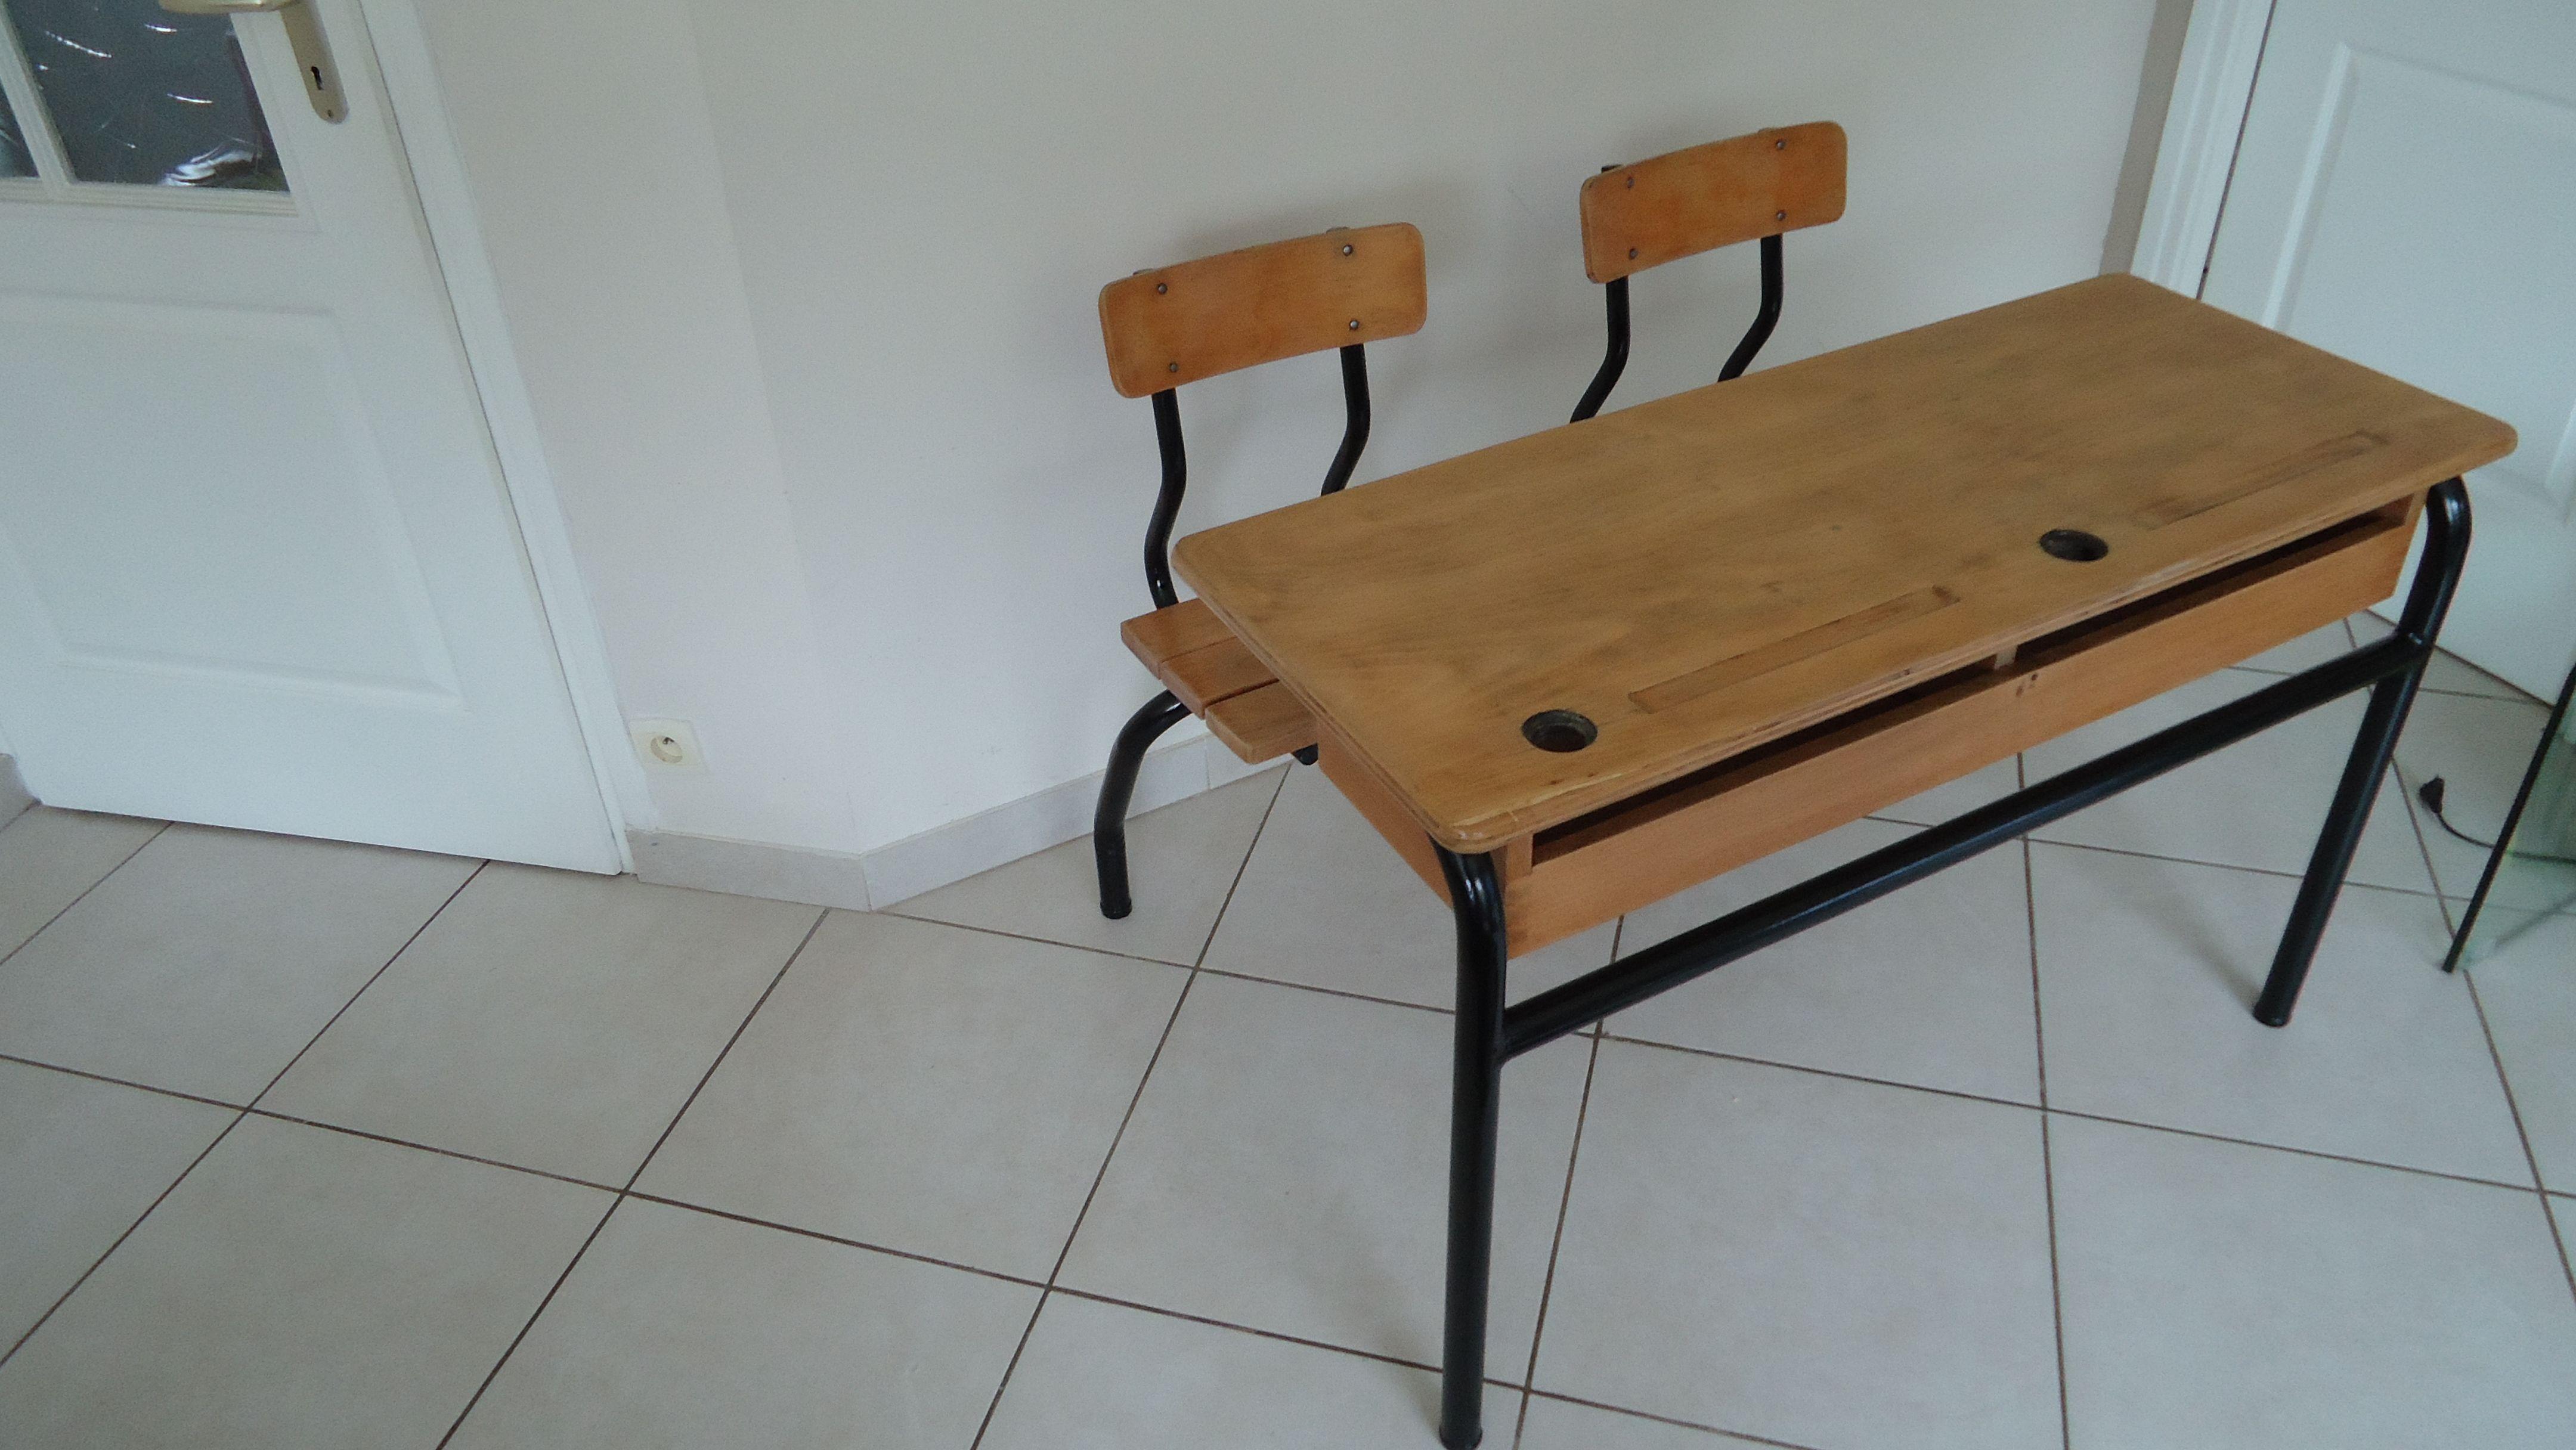 Bureau écolier relooké noir et bois naturel vernis nouveautés